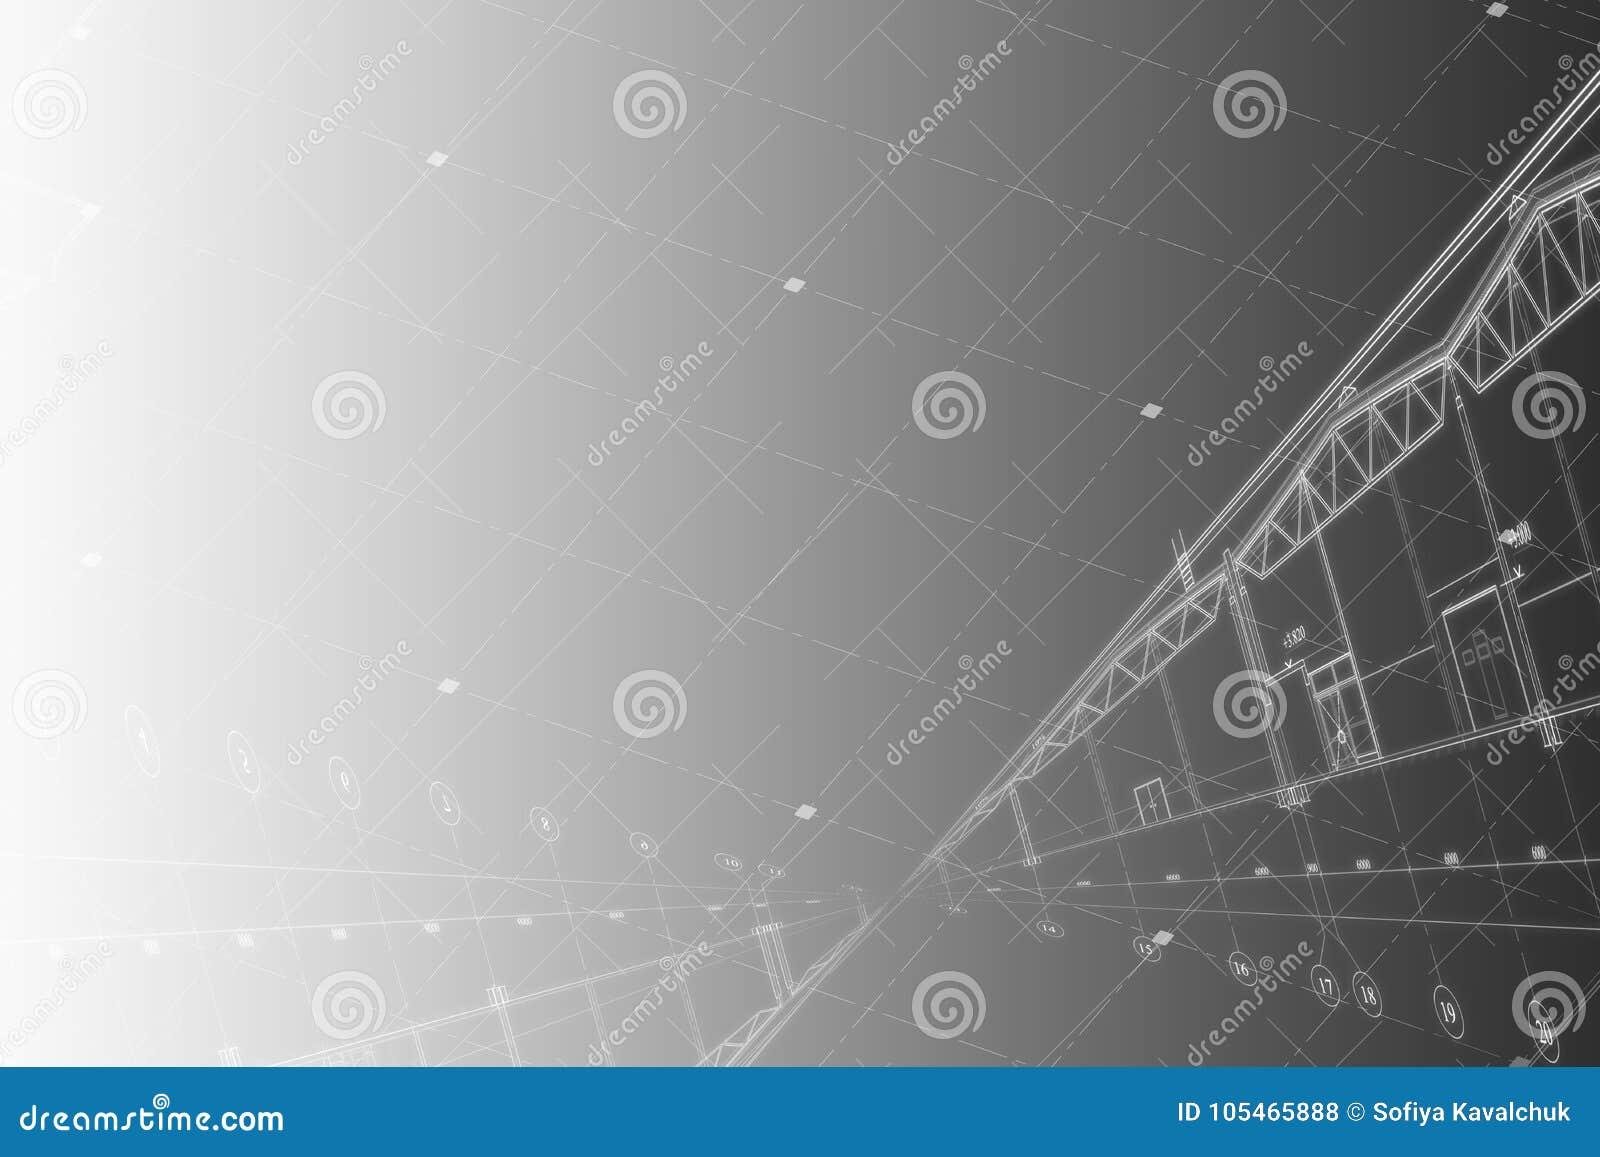 Fondo - dibujo arquitectónico del edificio industrial